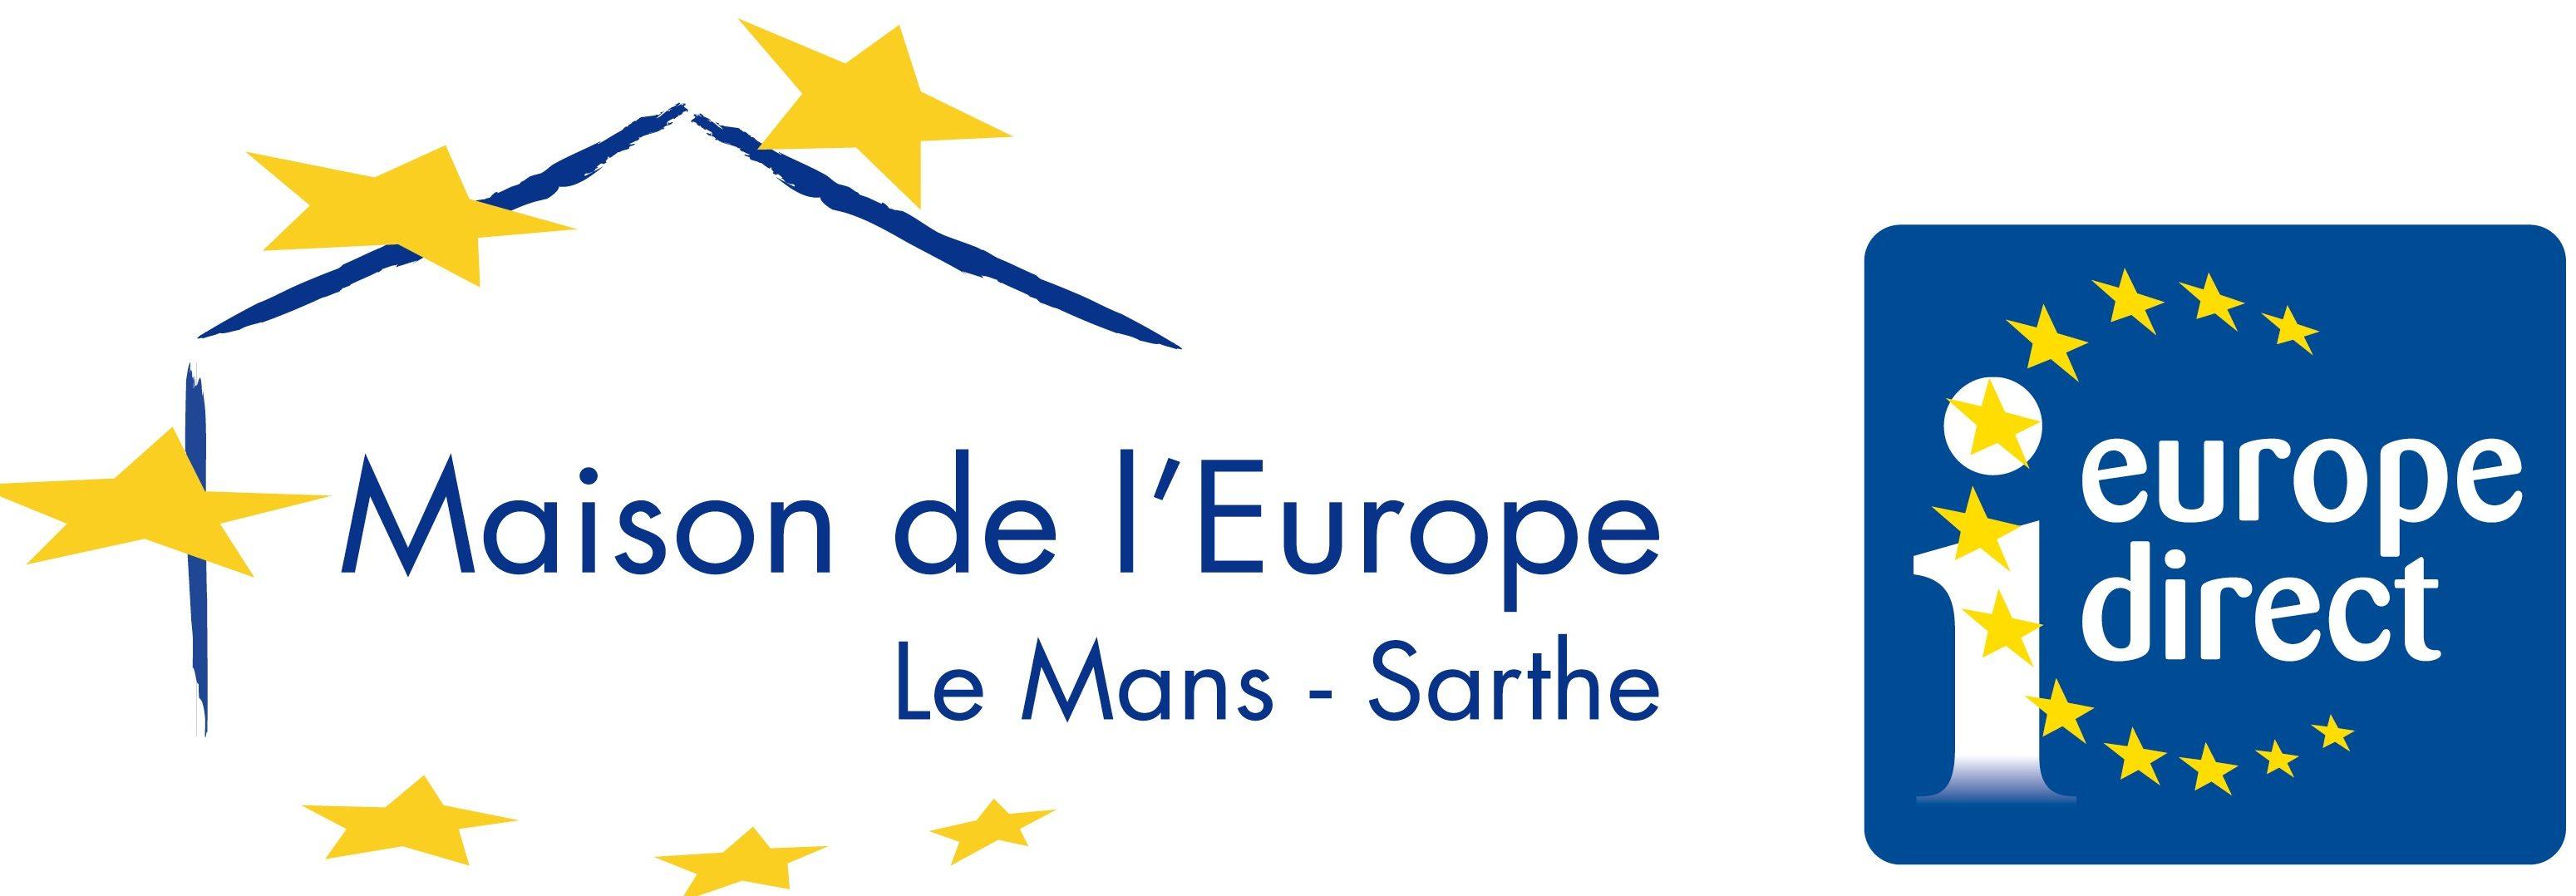 Maison de l'Europe Le Mans-Sarthe